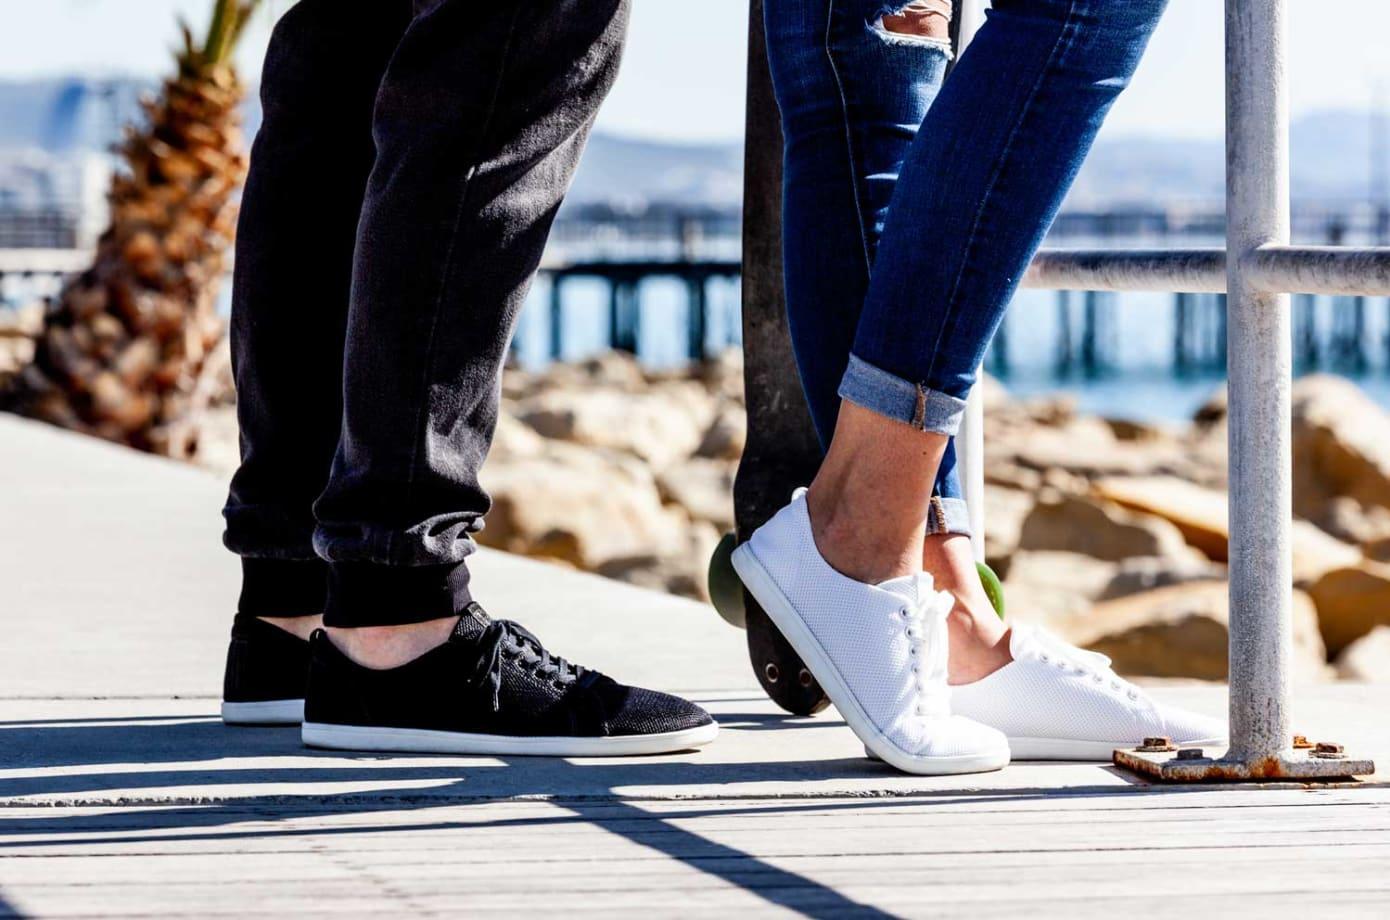 重さたった177gと超軽量かつクルクルと巻いても持ち歩ける素足感覚のベアフットシューズ「Feelgrounds」